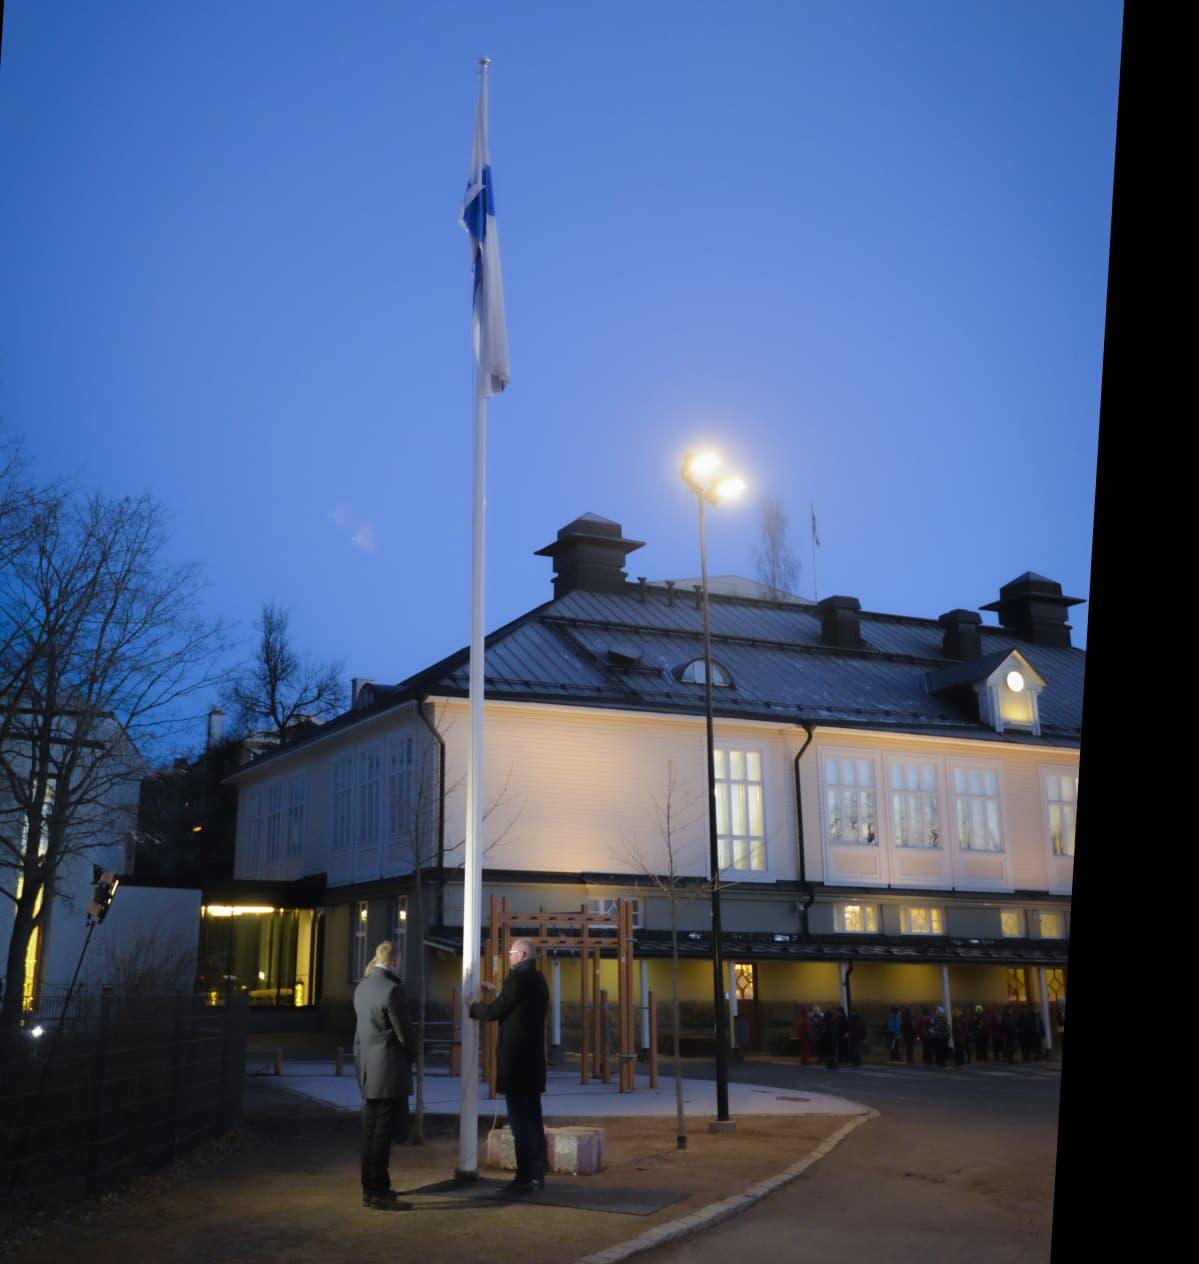 Timo Koivisto kaupunginjohtaja nostaa lipun ensimmäisenä lasten oikeuksie päivänä, Puistokoulun pihalla.